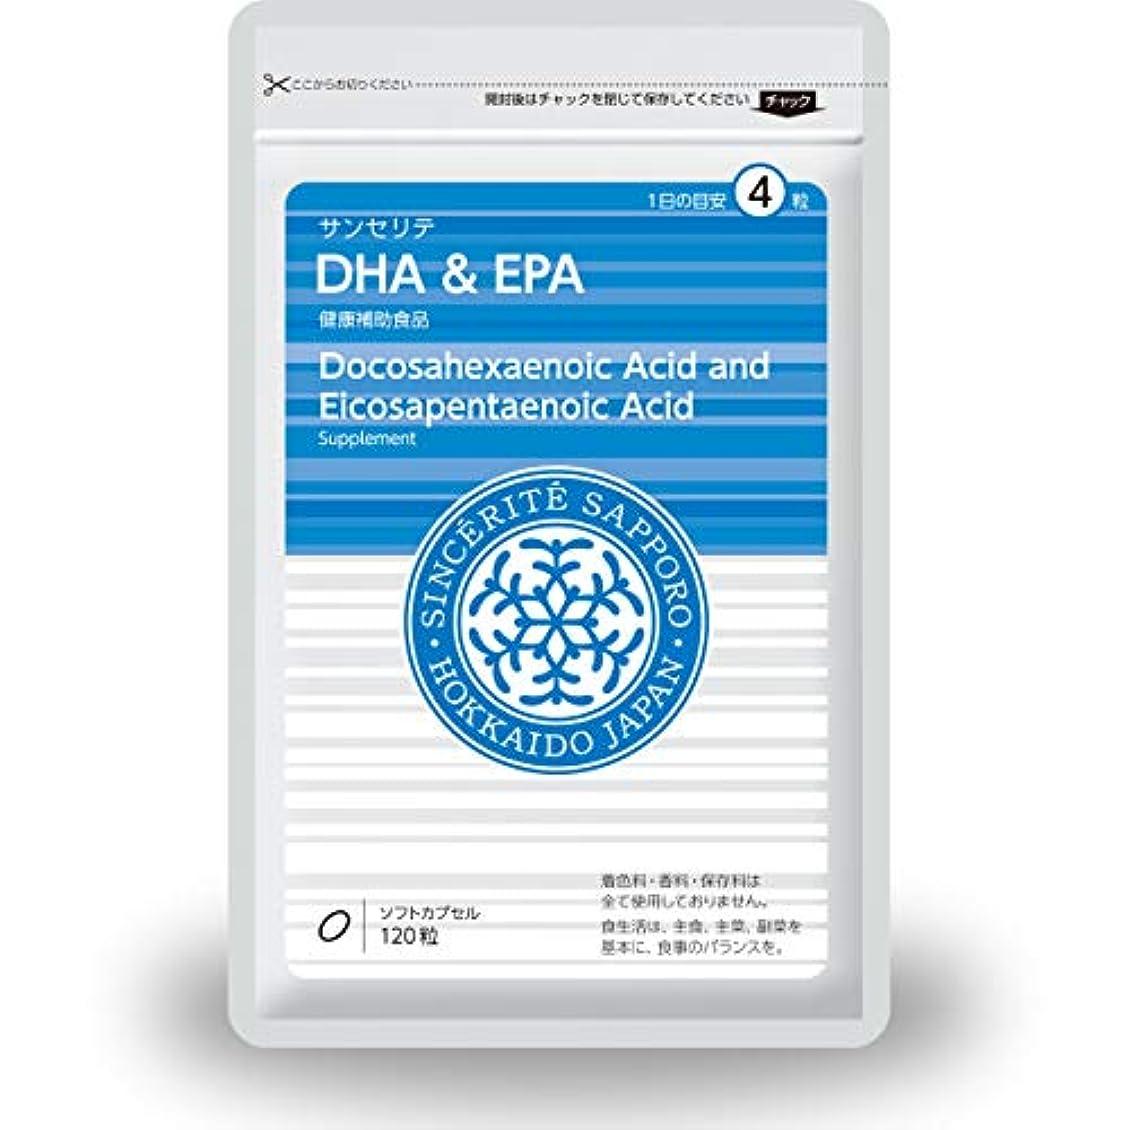 ラインナップ銀行ゴシップDHA&EPA[送料無料][DHA]433mg配合[国内製造]しっかり30日分